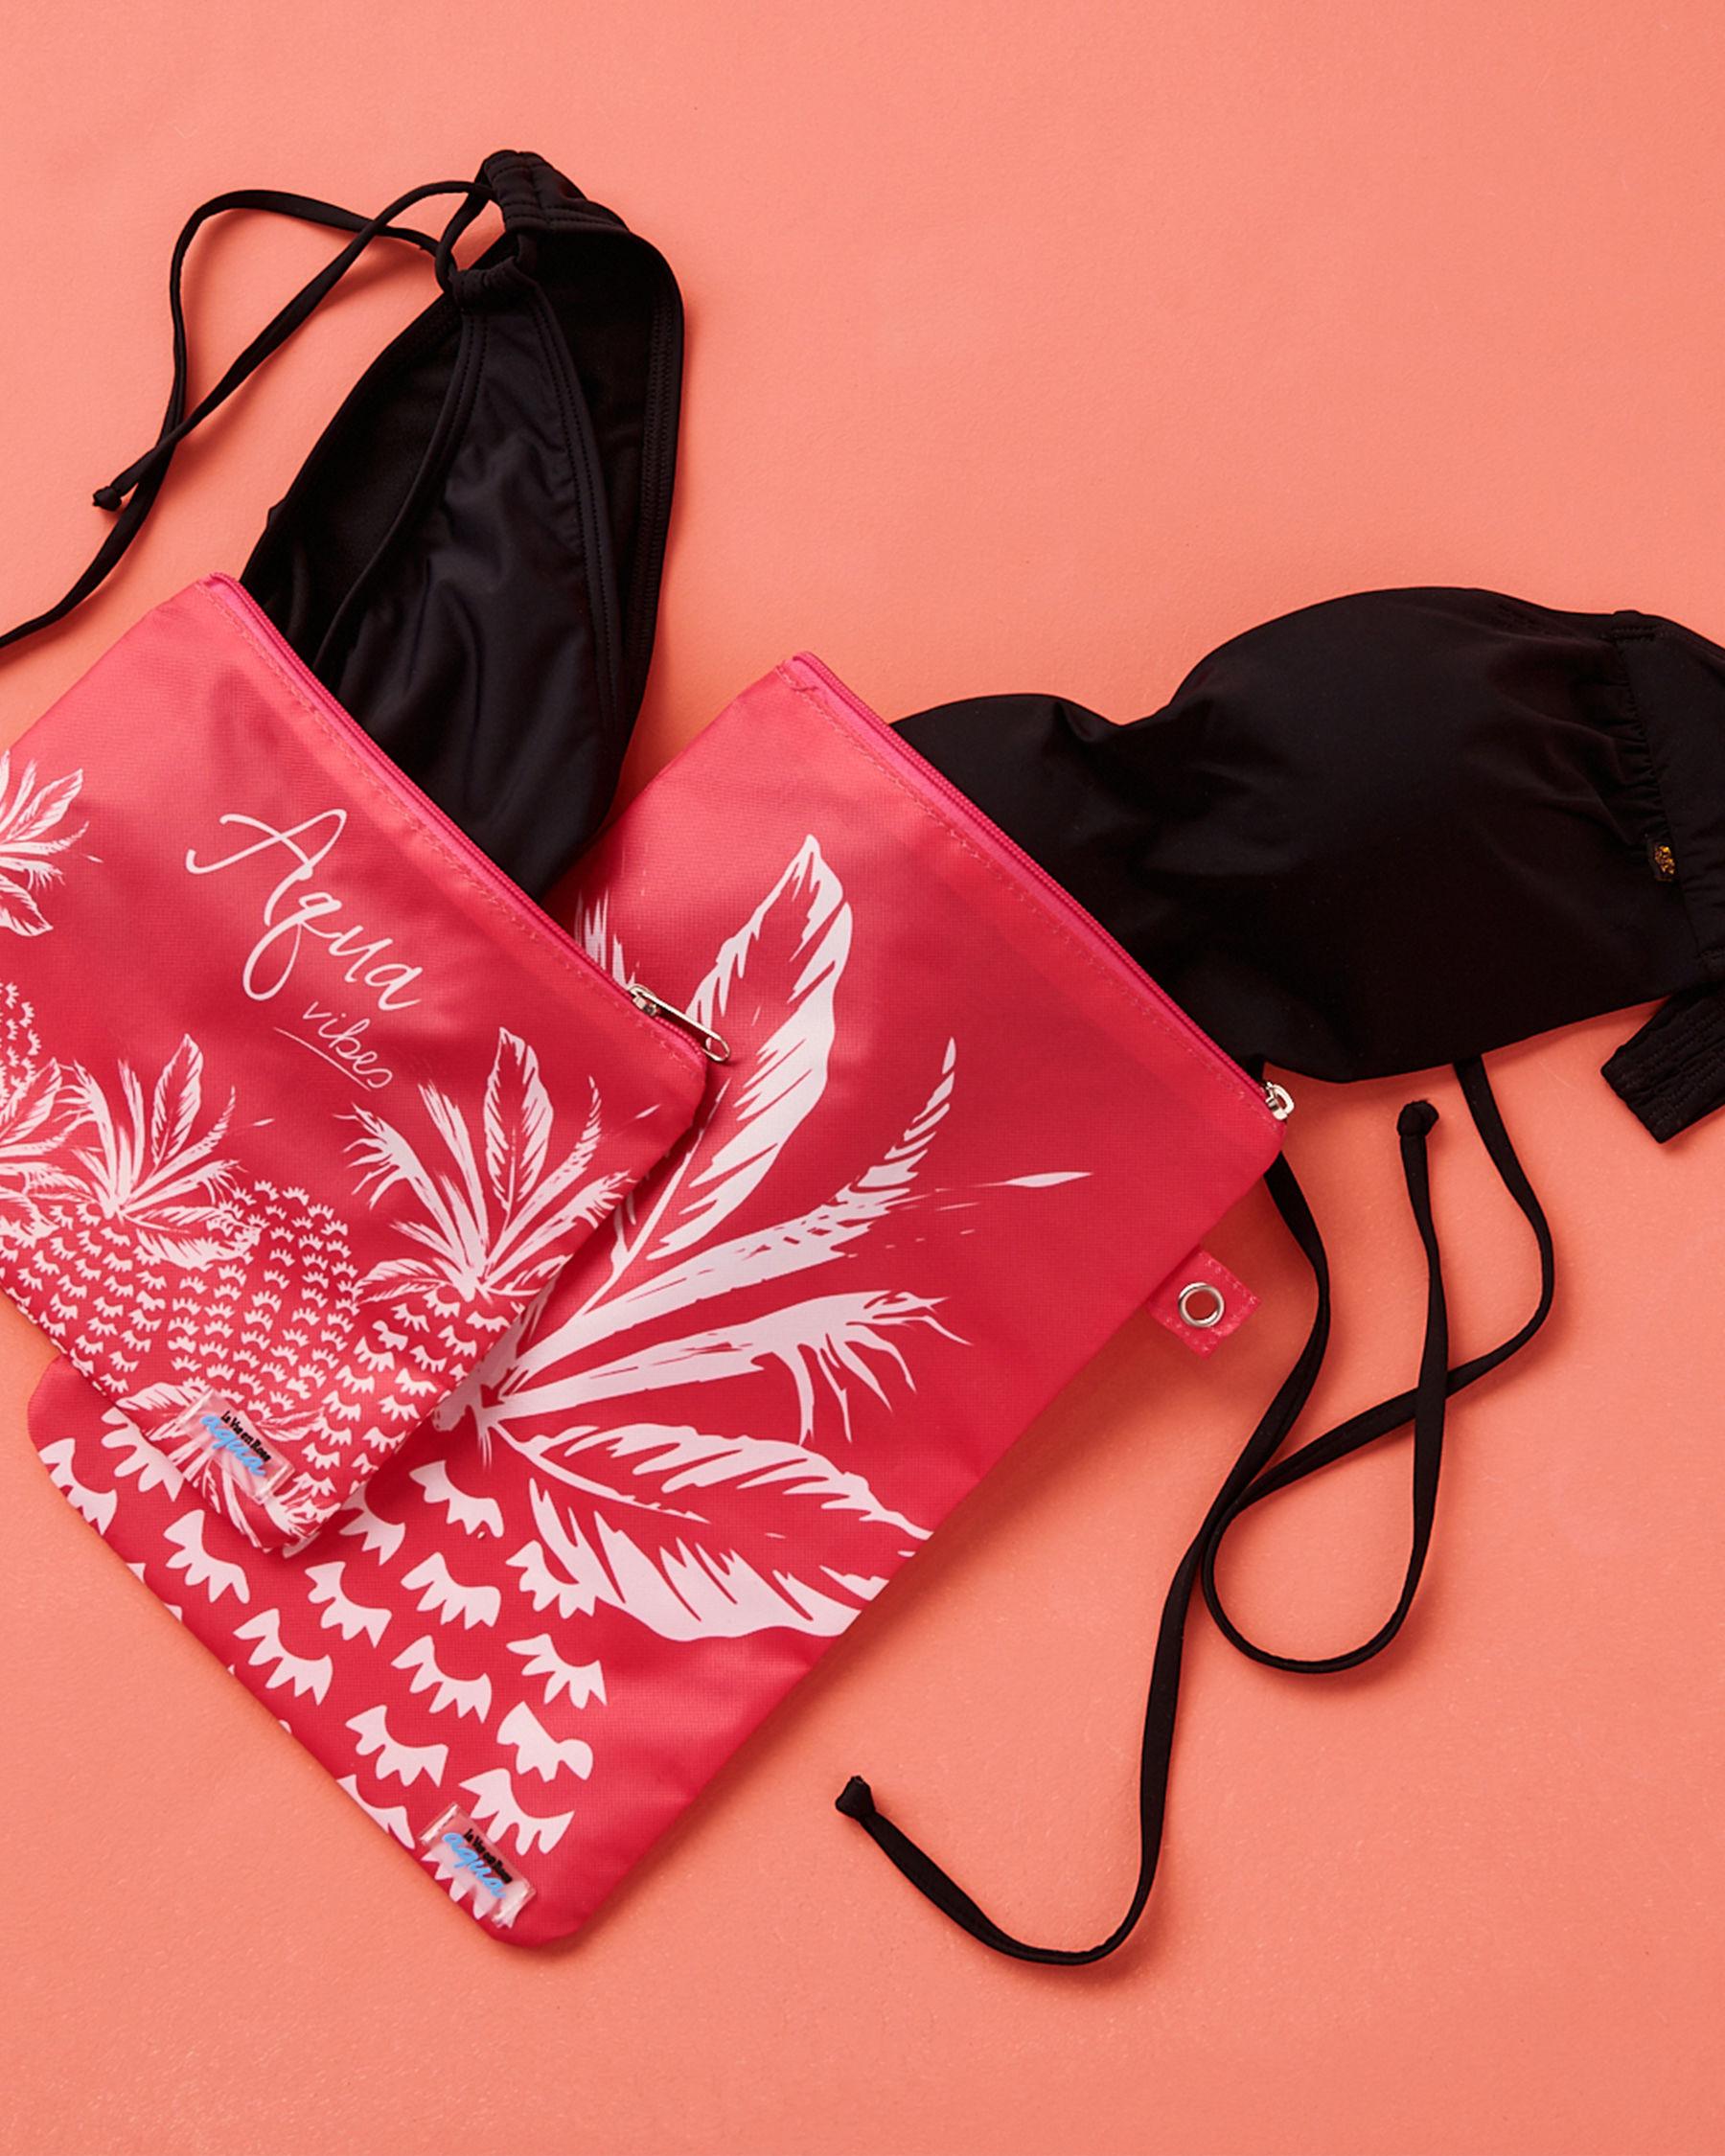 LA VIE EN ROSE AQUA Pineapple Wet Pouch Pink 80500011 - View3